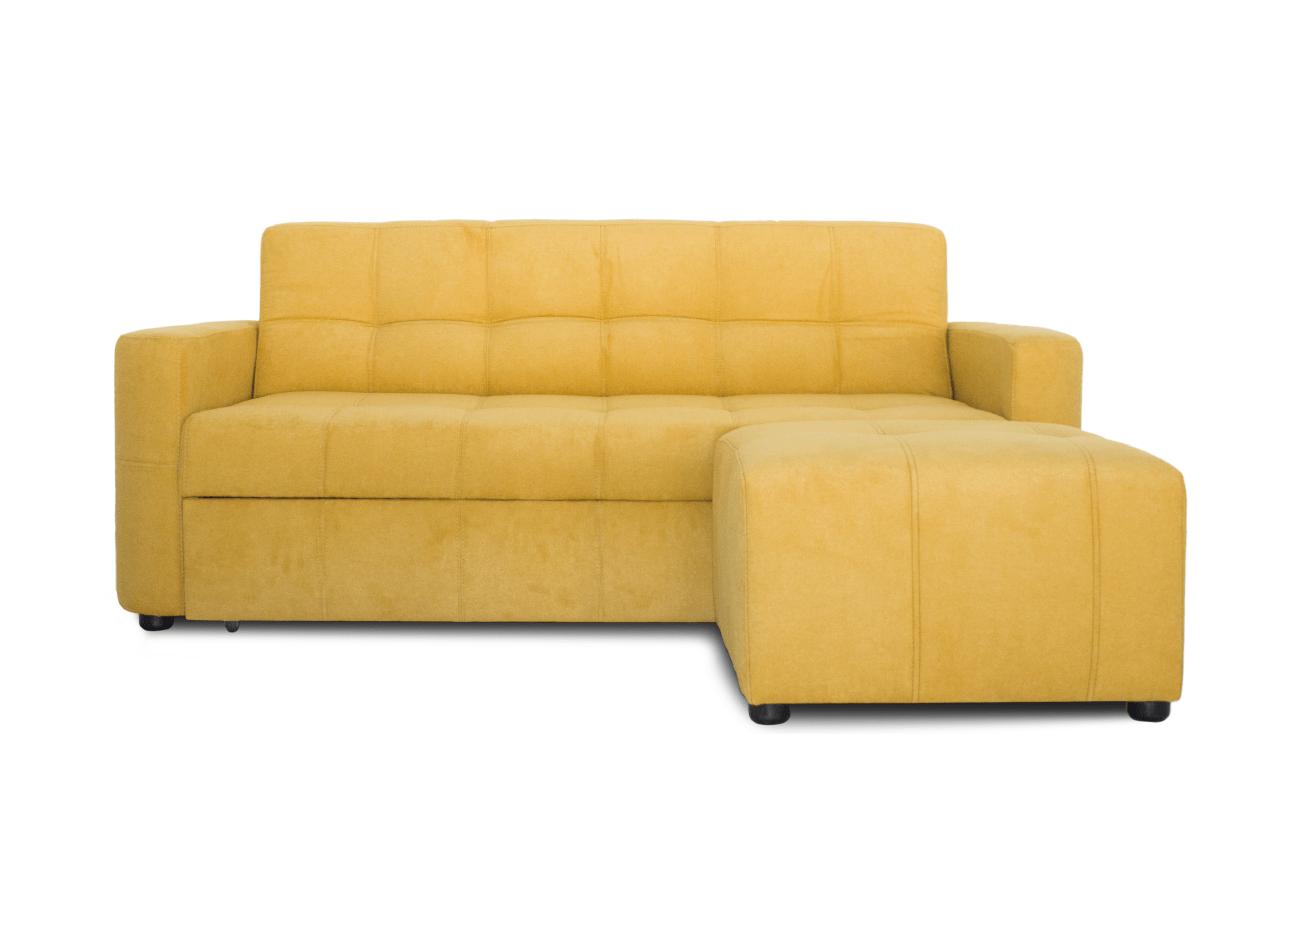 sofas usados para venda em portugal furniture and chairs a sua medida oksofas crie o seu sofa de sonho desde ate sommiers e puffs aqui pode encontrar alguns dos nossos produtos que darao nova vida casa